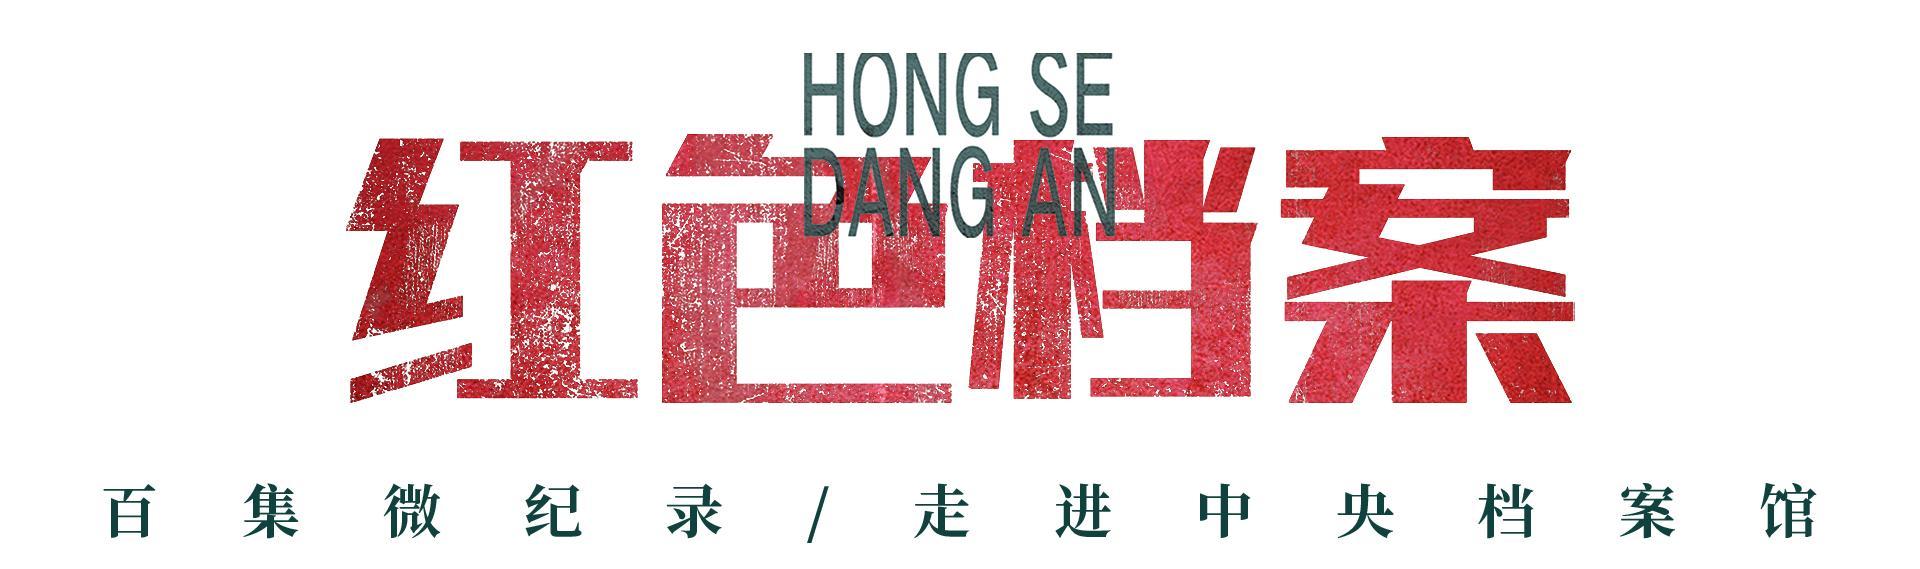 中央档案馆收藏着《共产党宣言》的汉语首译版